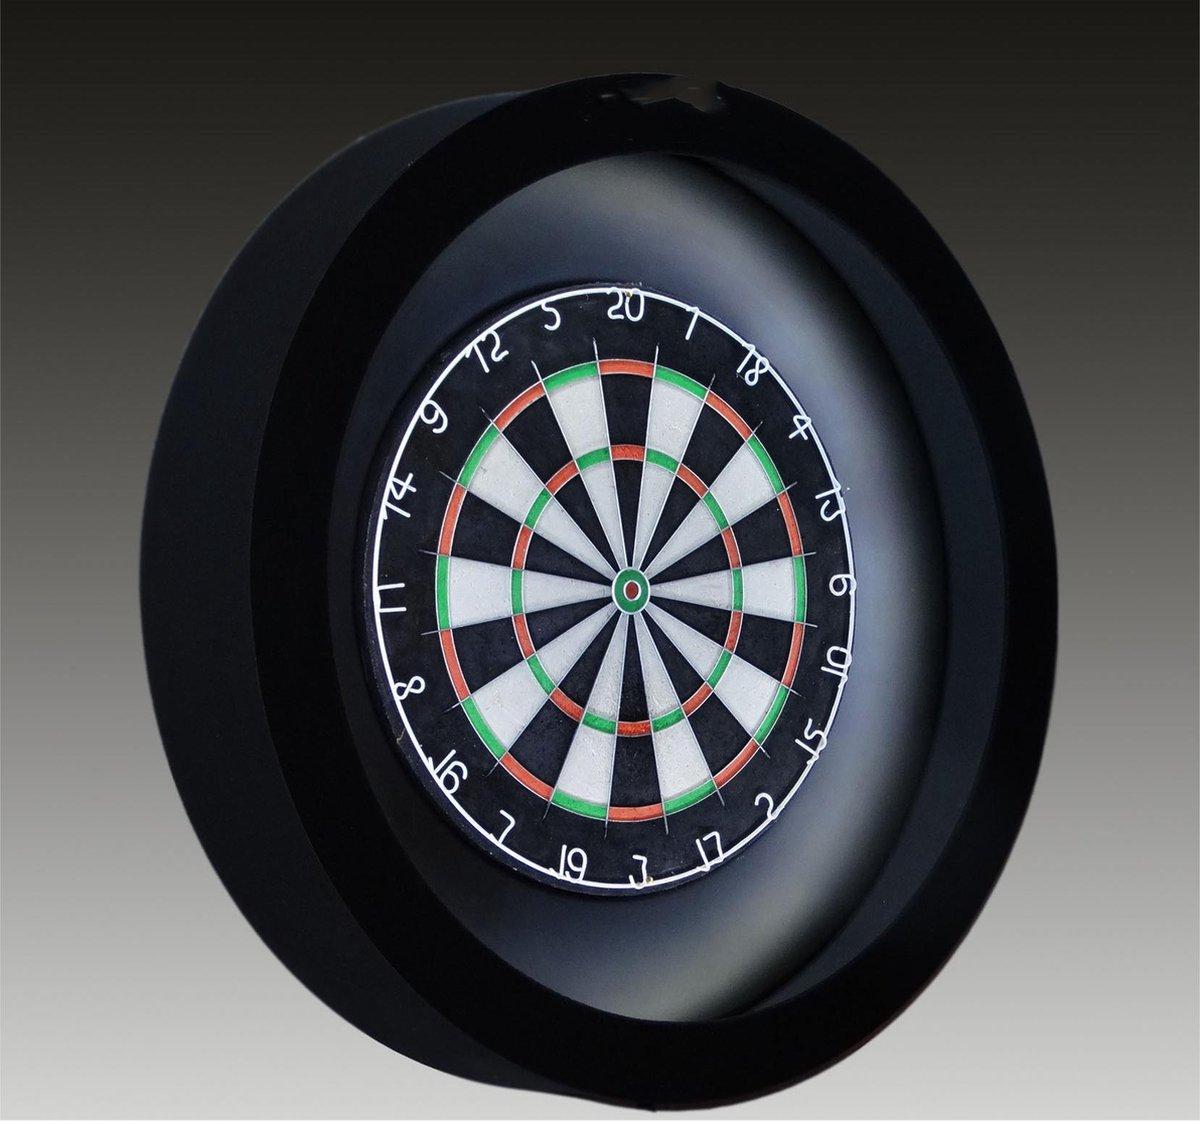 TCB - Dartbord verlichting - XXL - Voor om dartbord surround - zwart